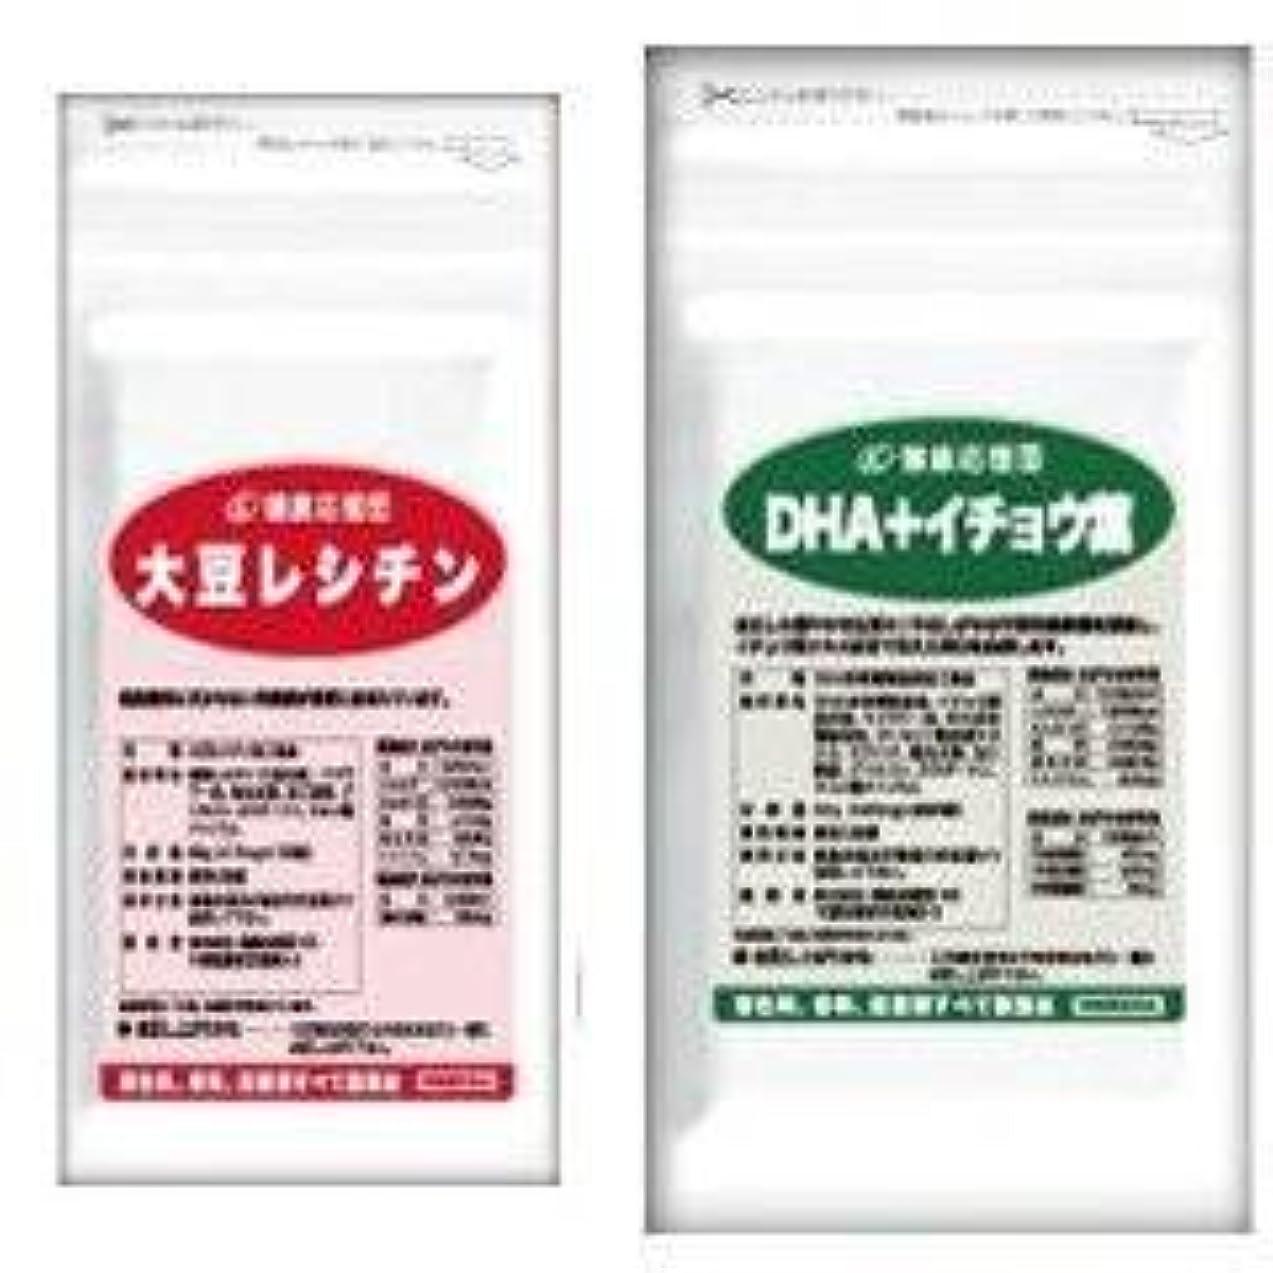 原稿引き渡す惨めな(お徳用6か月分)流れサラサラセット 大豆レシチン+(DHA?EPA+イチョウ葉)6袋&6袋セット